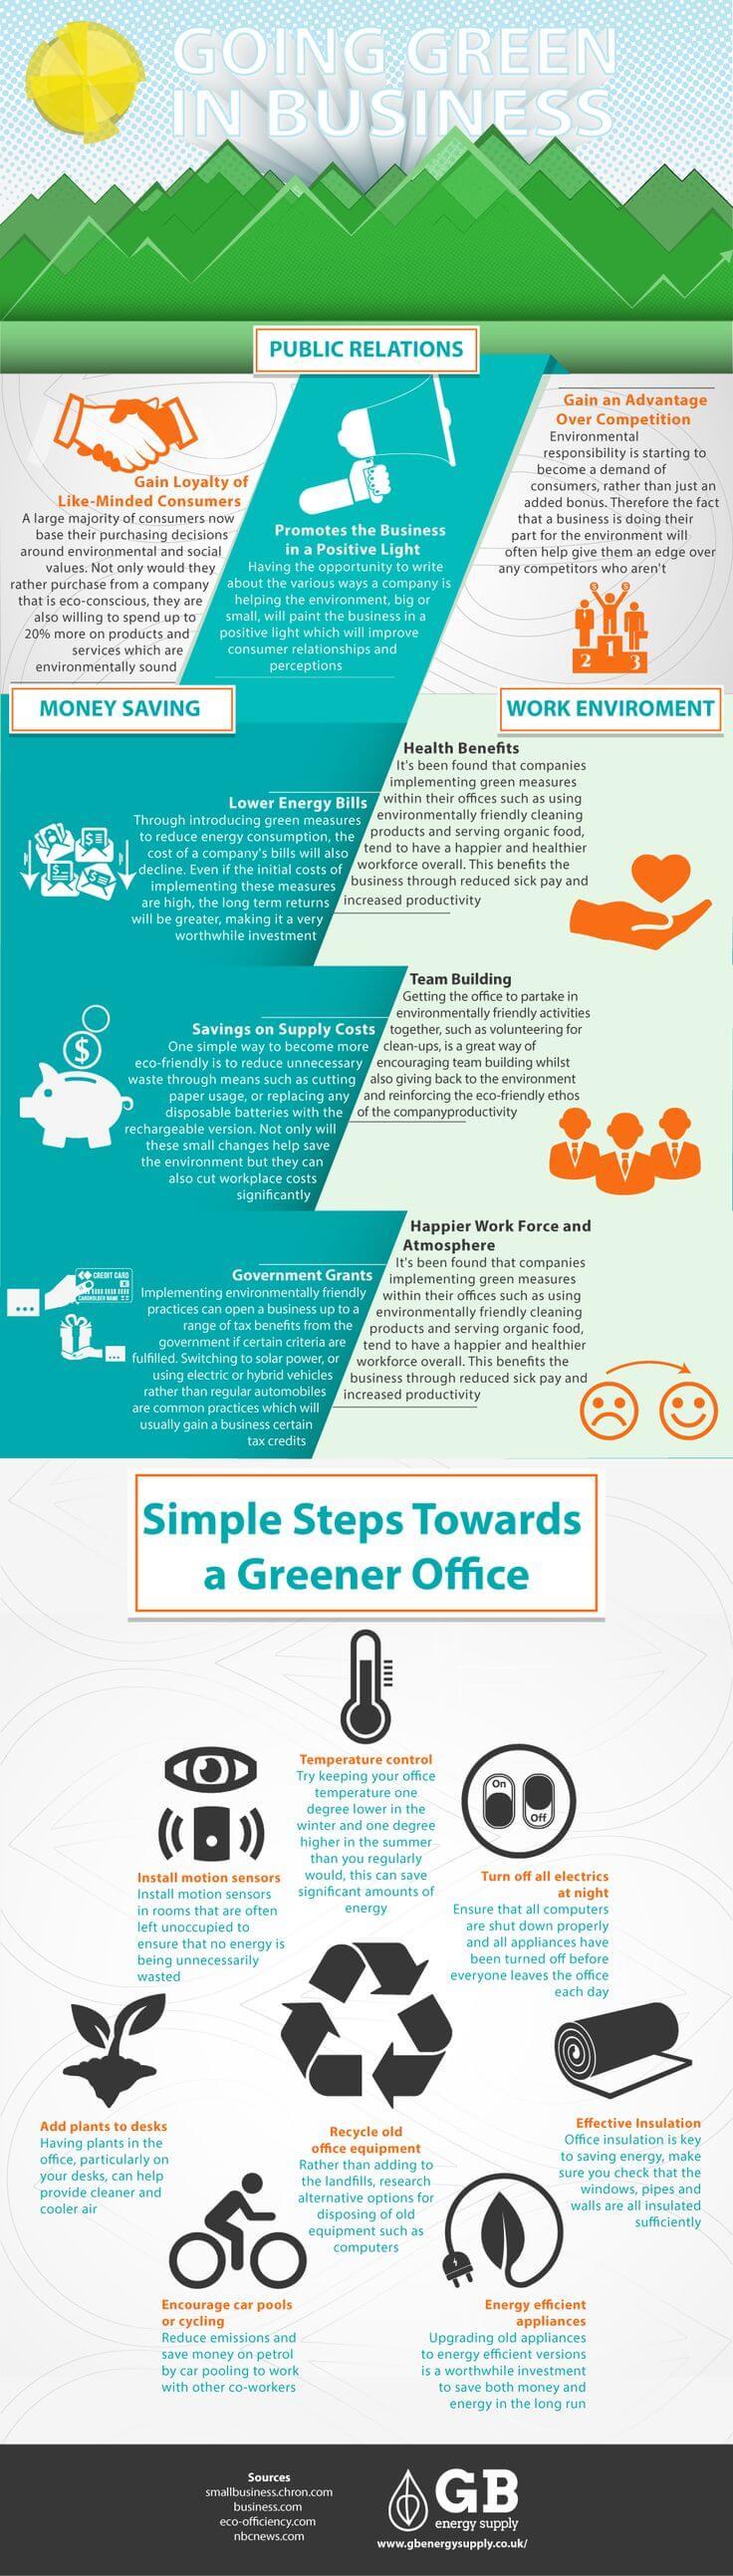 environmentally conscious practices